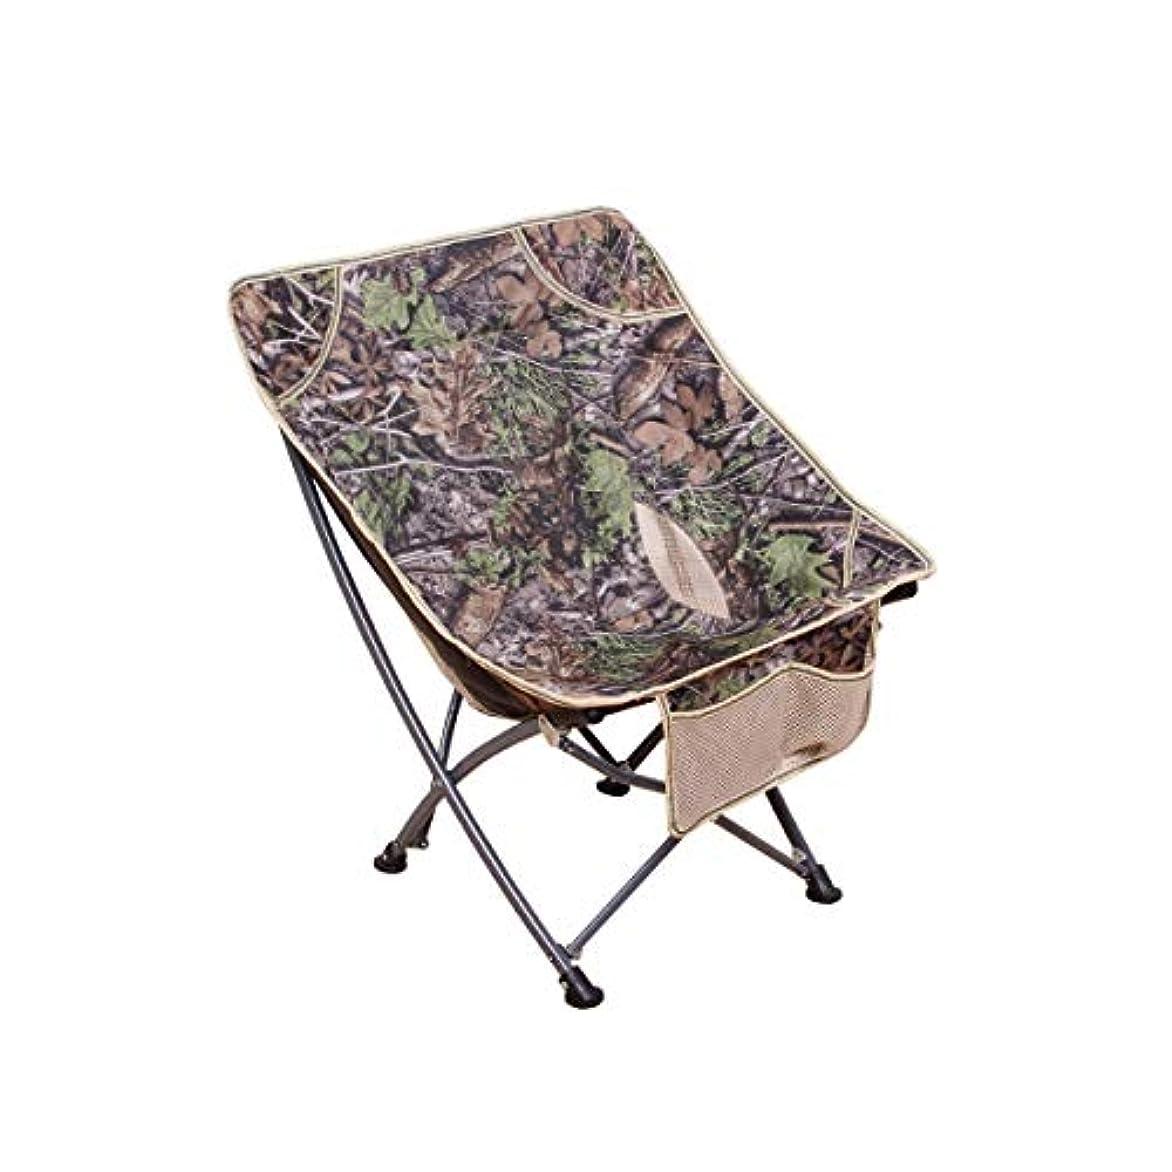 チャンスシンプトン現実屋外ポータブル折りたたみ椅子バタフライチェアバック釣りチェアバーベキュービーチスツールスケッチチェアムーンチェアレイジーチェア、良い素材 実用的で丈夫